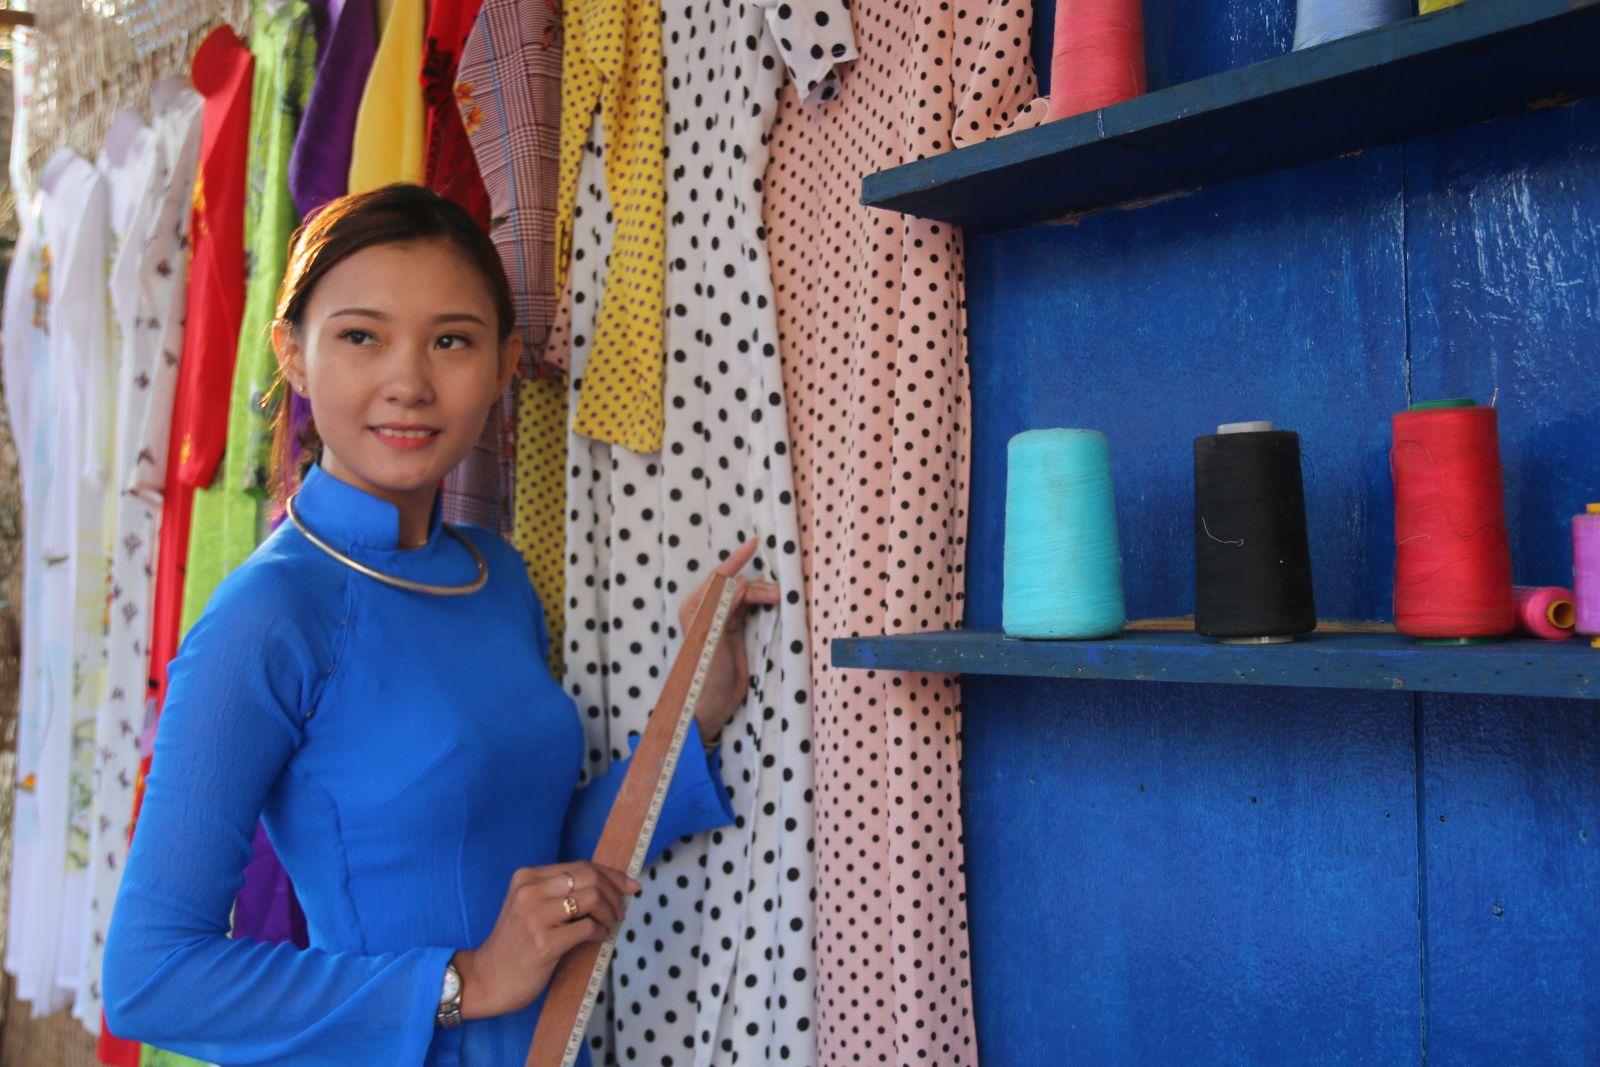 """Tái hiện tiệm may """"Cô Ba Sài Gòn"""" tại chương trình """"Sắc xuân miệt vườn"""". Ảnh: DUY KHÔI"""